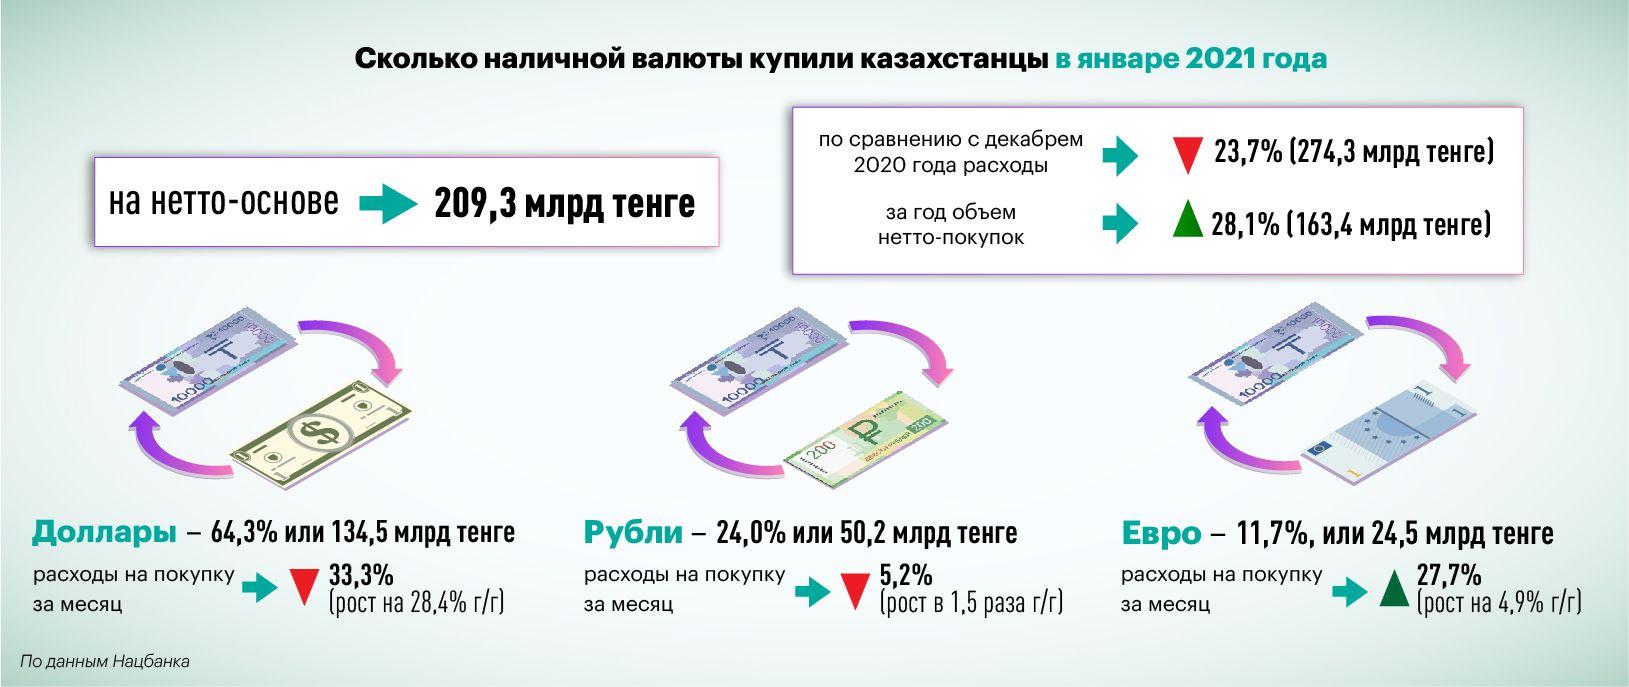 В январе казахстанцы купили валюту на 209,3 млрд тенге 633593 - Kapital.kz